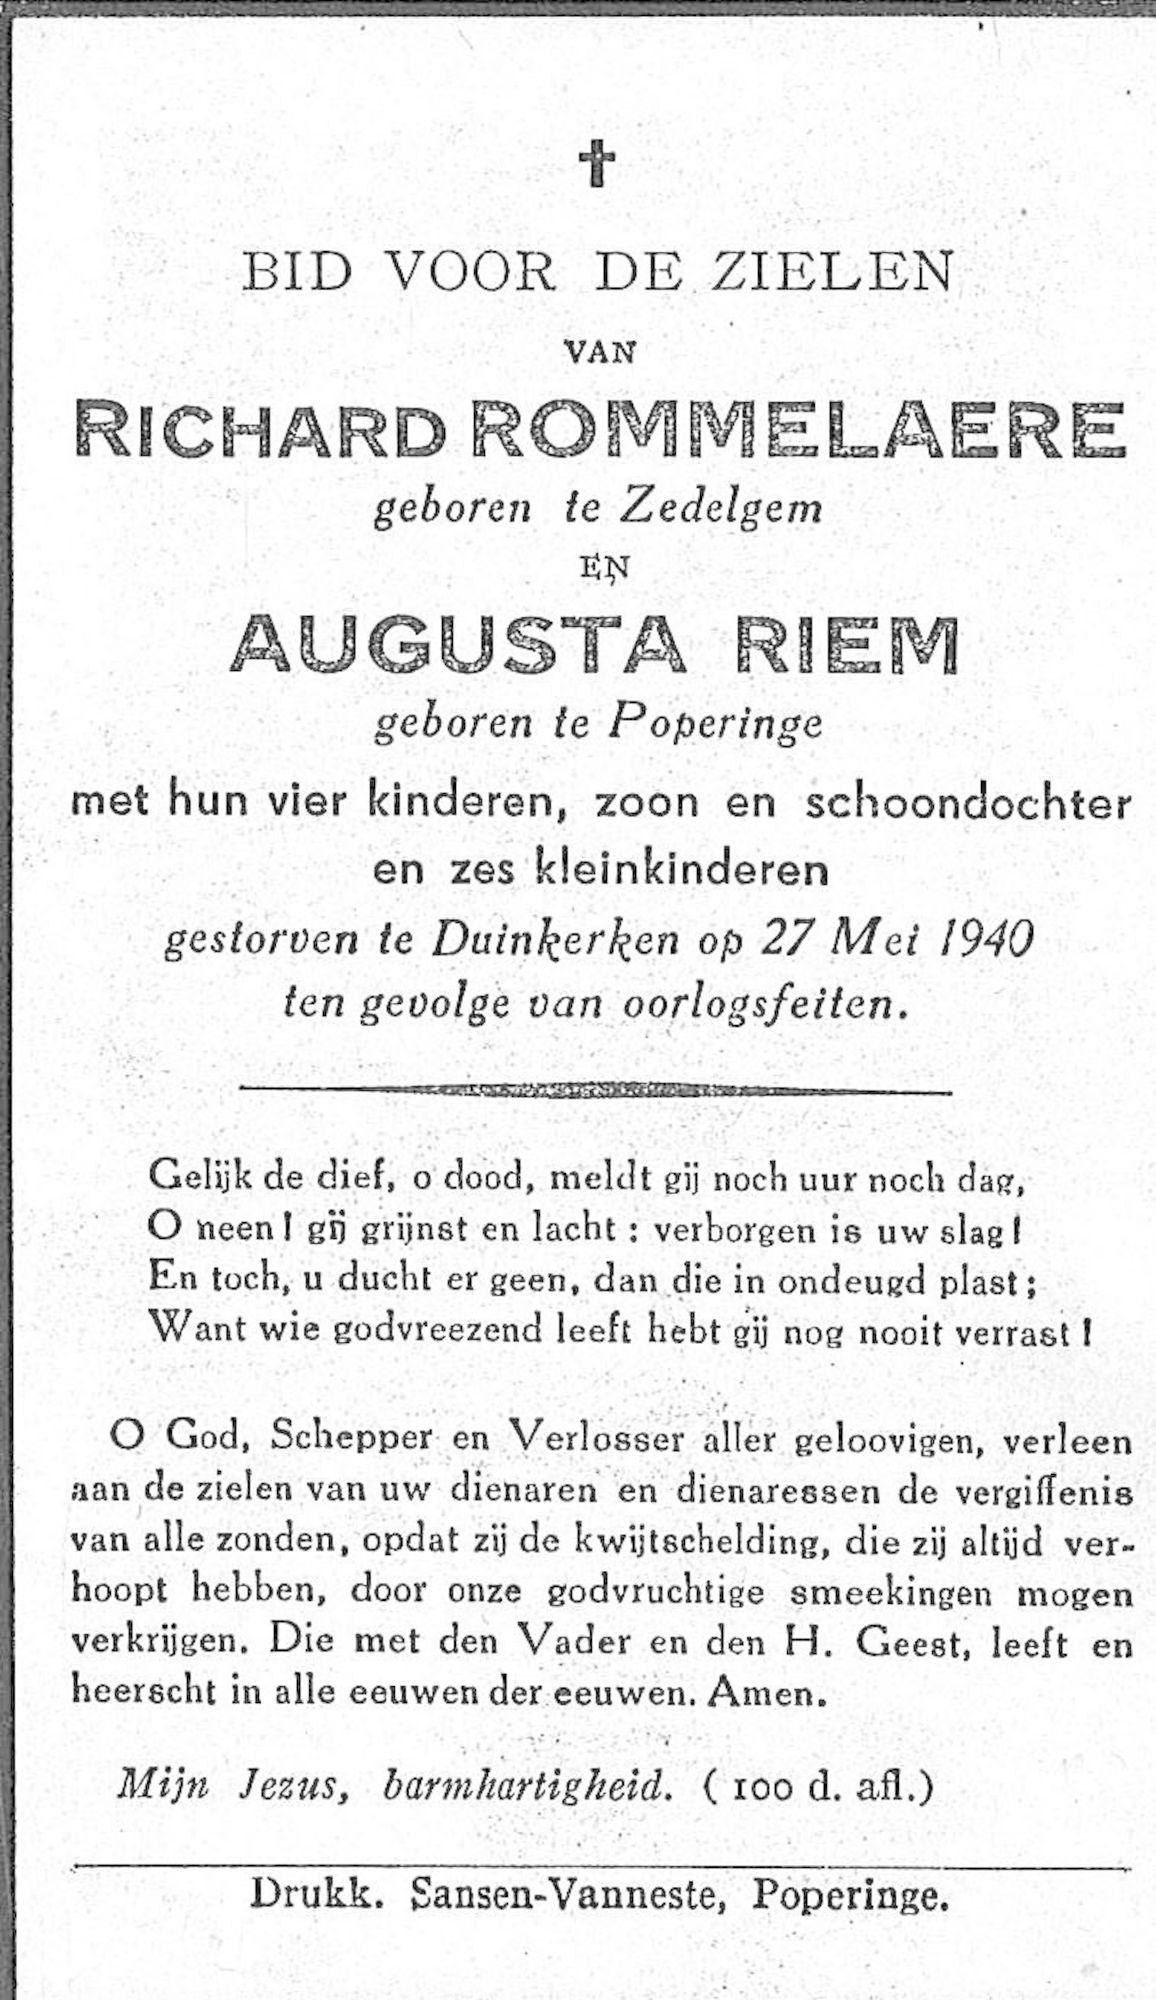 Richard Rommelaere en Augusta Riem